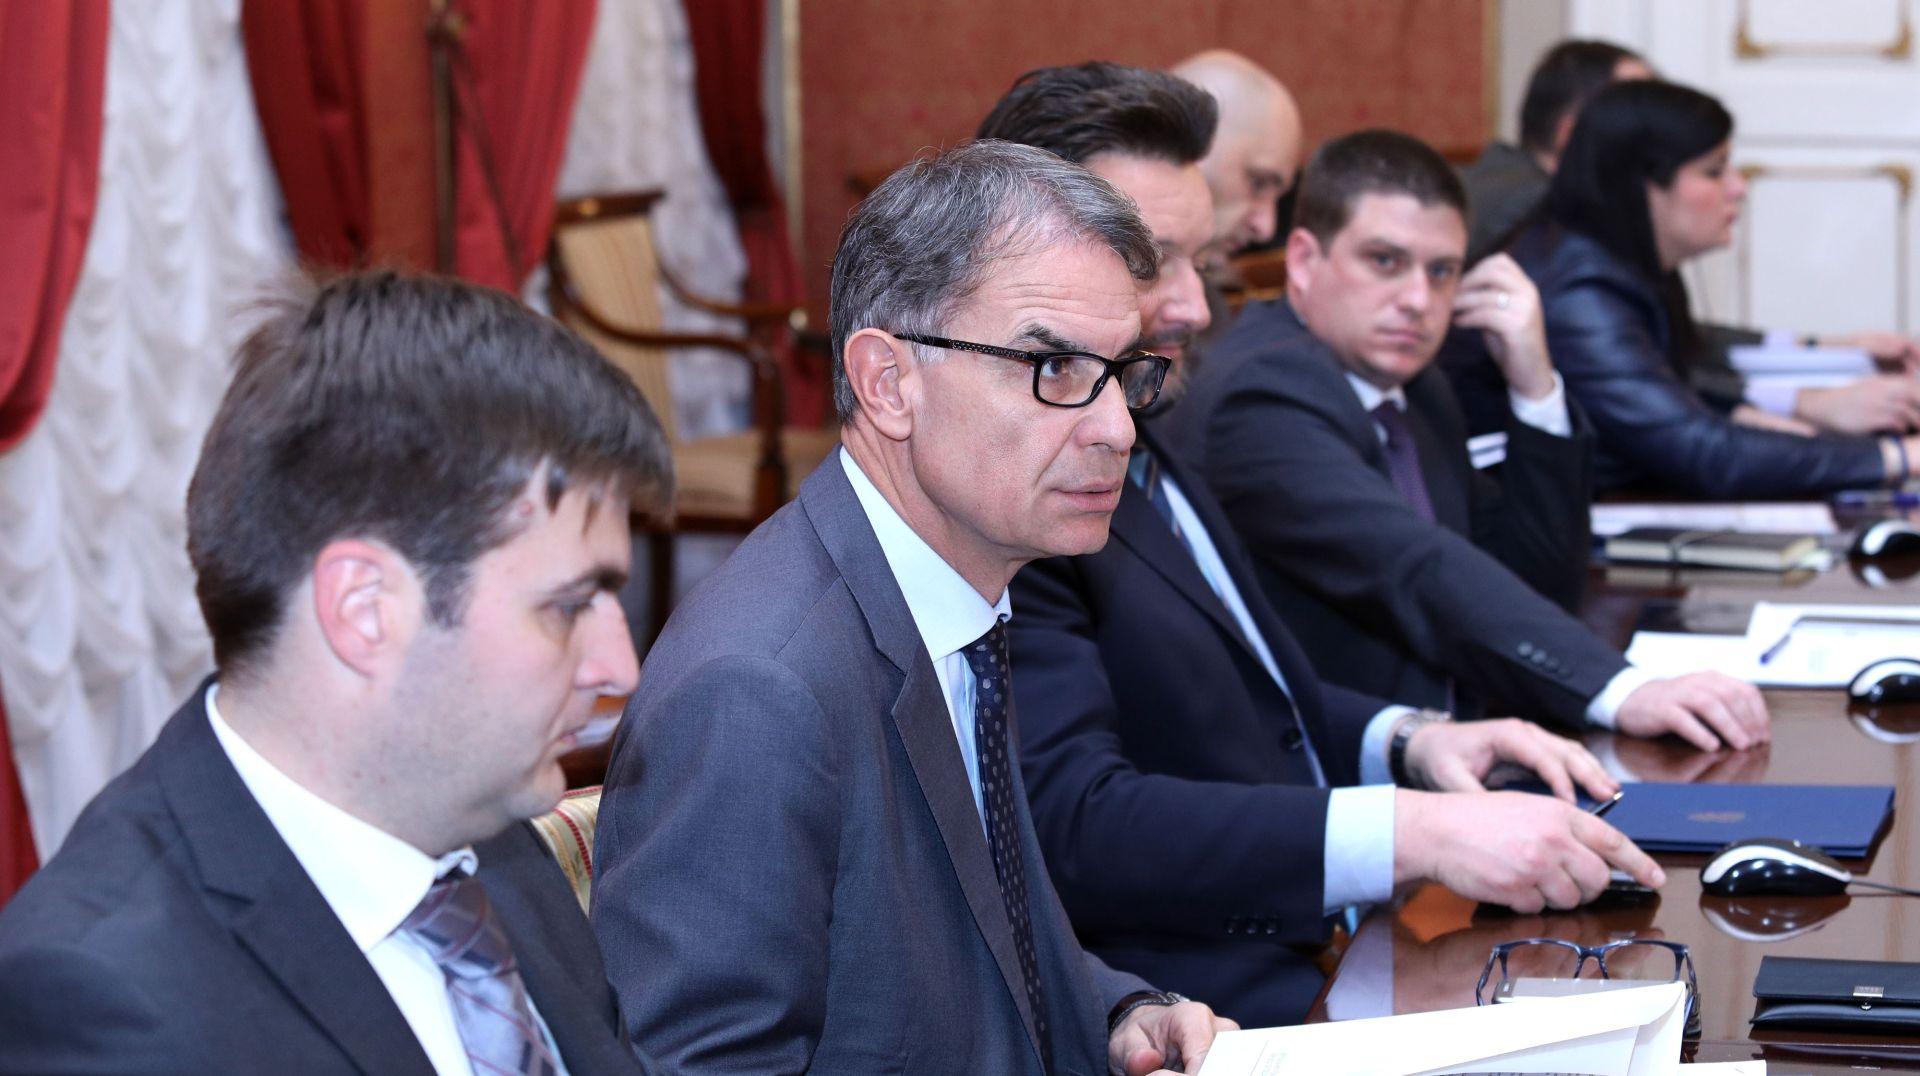 Cappelli najavio smanjenje parafiskalnih nameta ugostiteljima